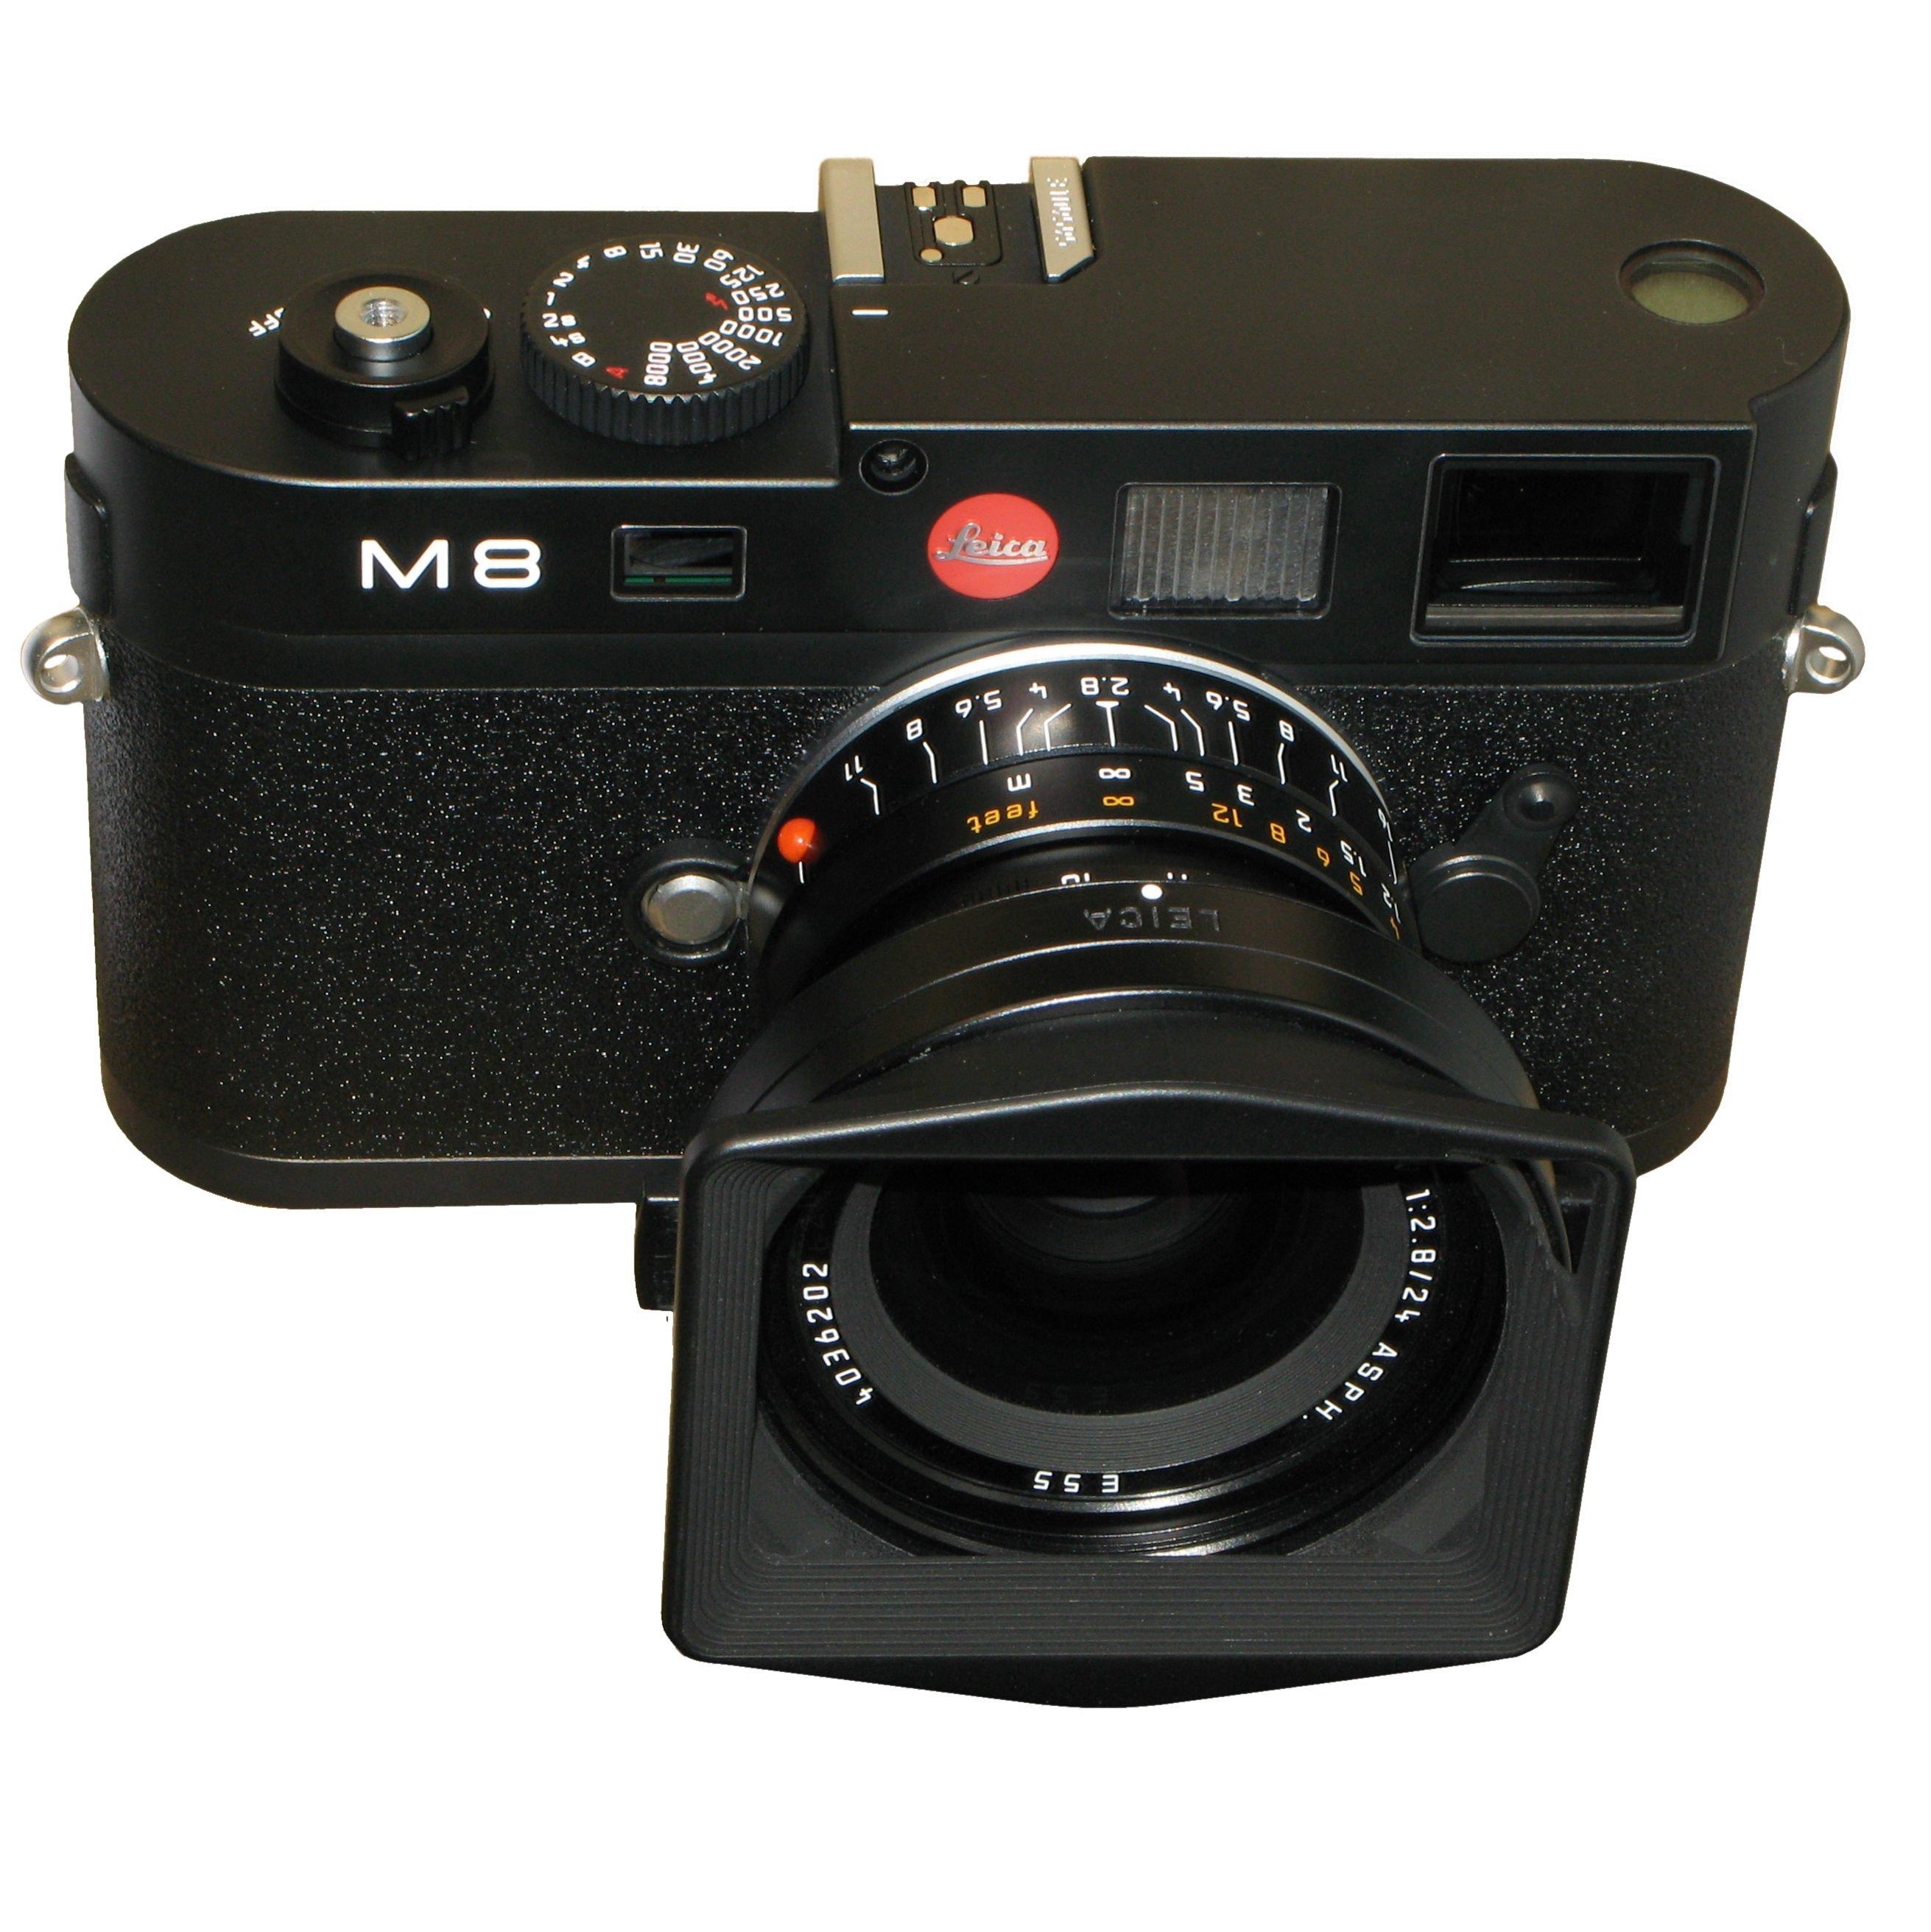 наделены лейка фотоаппарат описание пройдёт